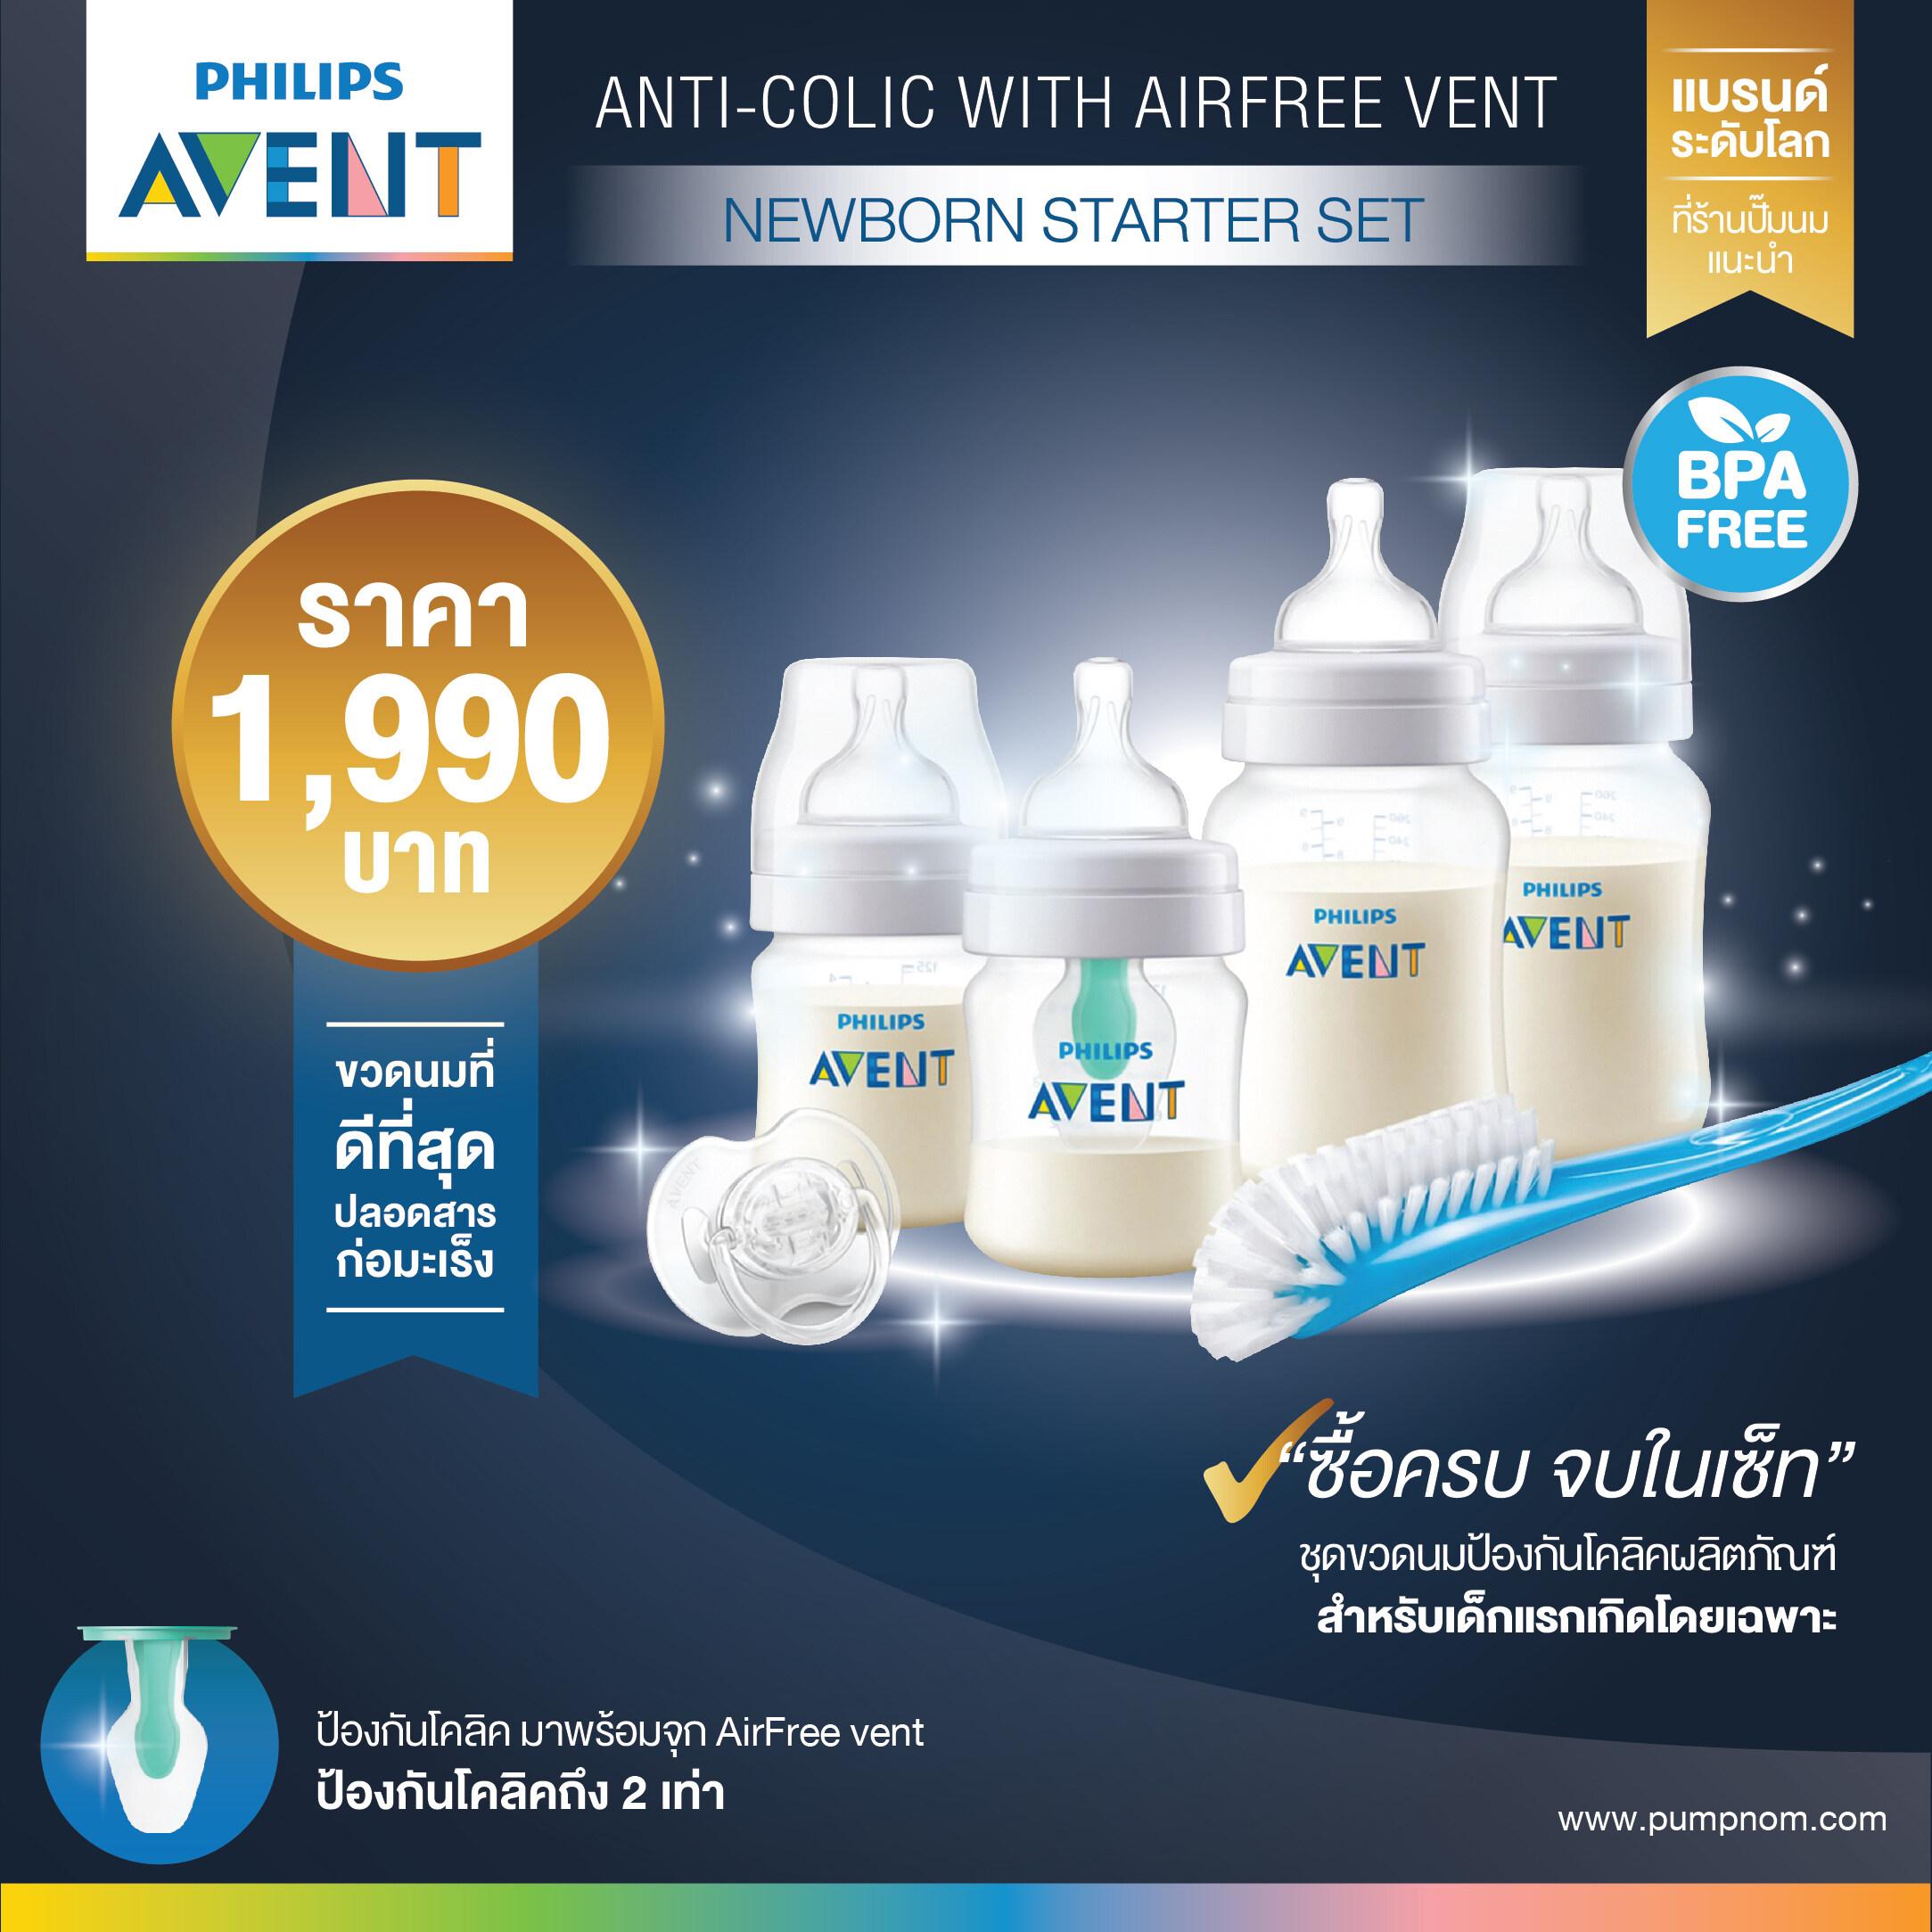 ราคา ลด 20% ของแท้ศูนย์ไทย Philips AVENT (ฟิลิปส์ เอเว้นท์) ขวดนม คอกว้าง รุ่น AirFree Anti-colic bottle